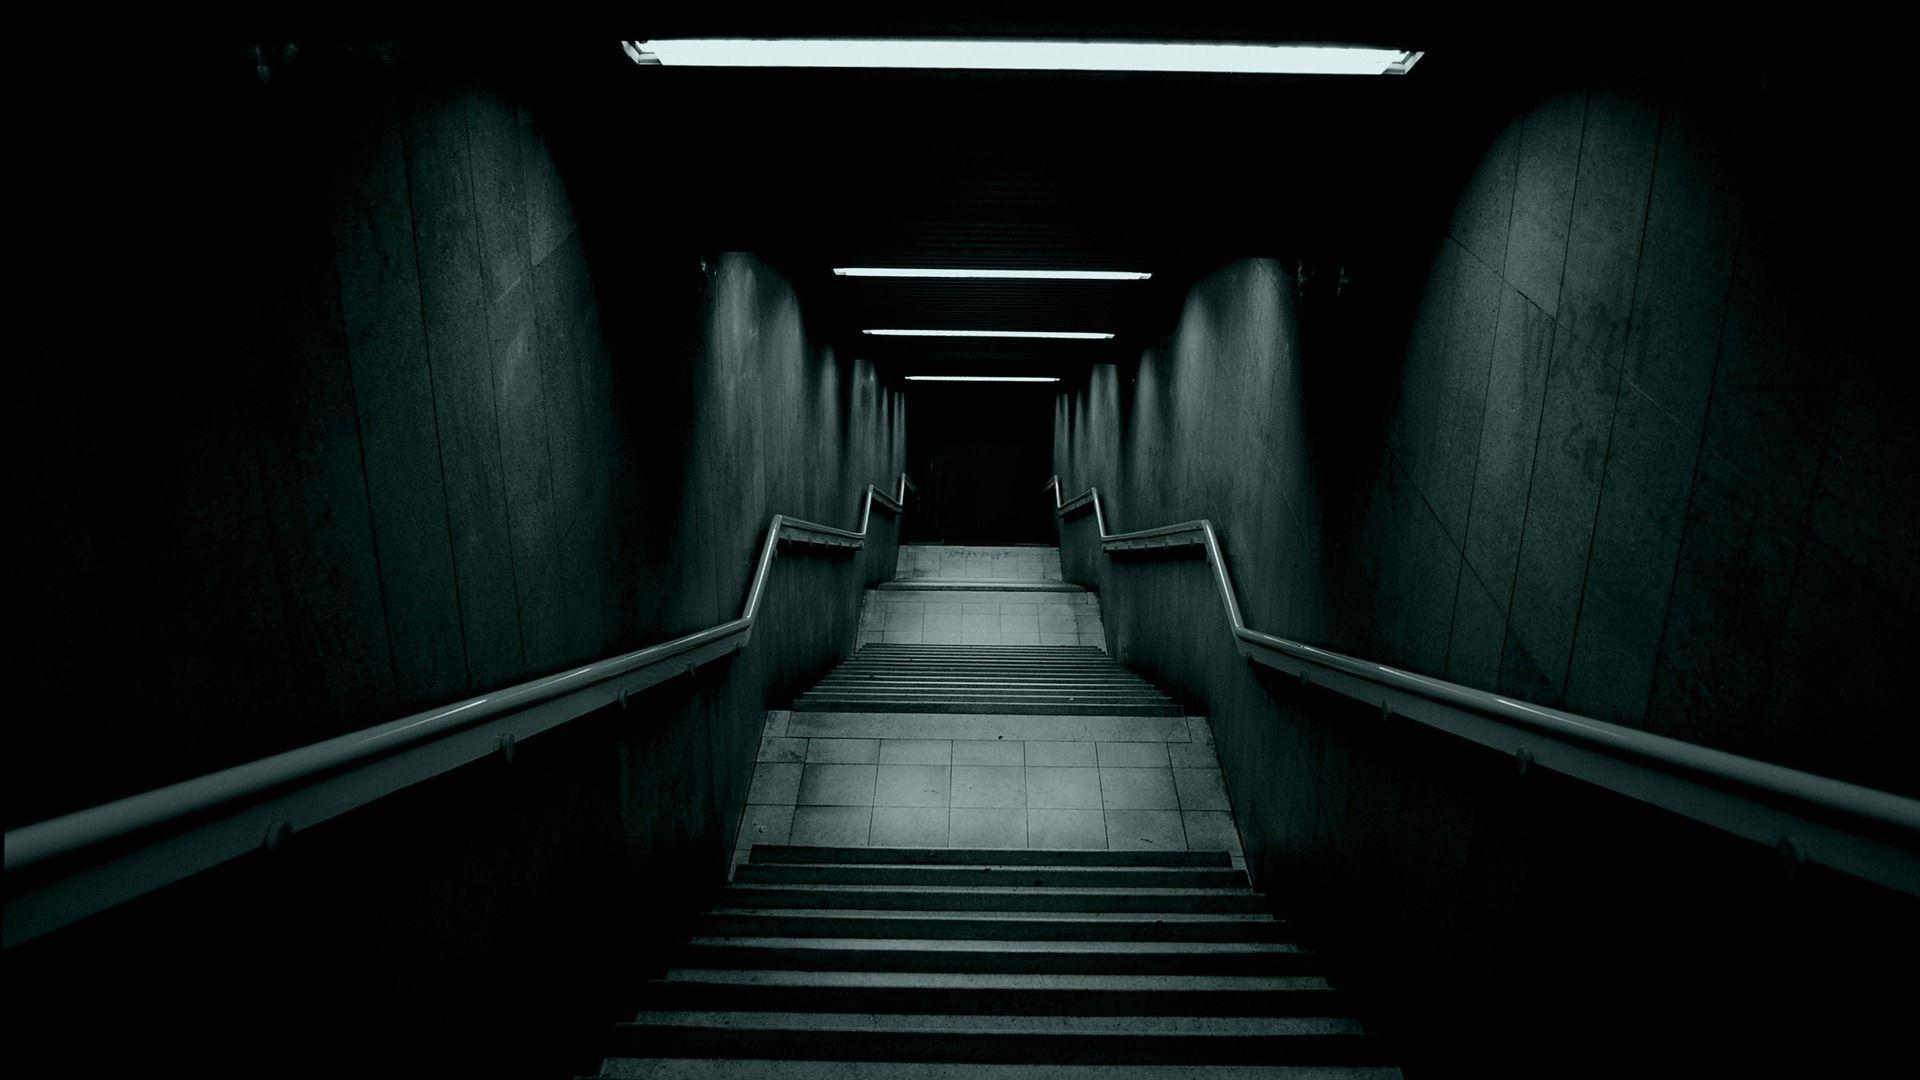 Dark Wallpapers 1080p - Wallpaper Cave